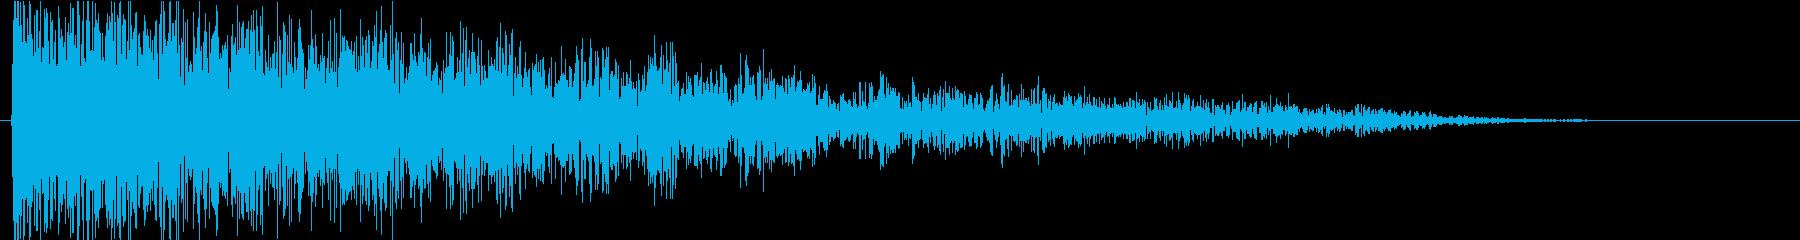 ドーン(巨大な衝撃音A)の再生済みの波形